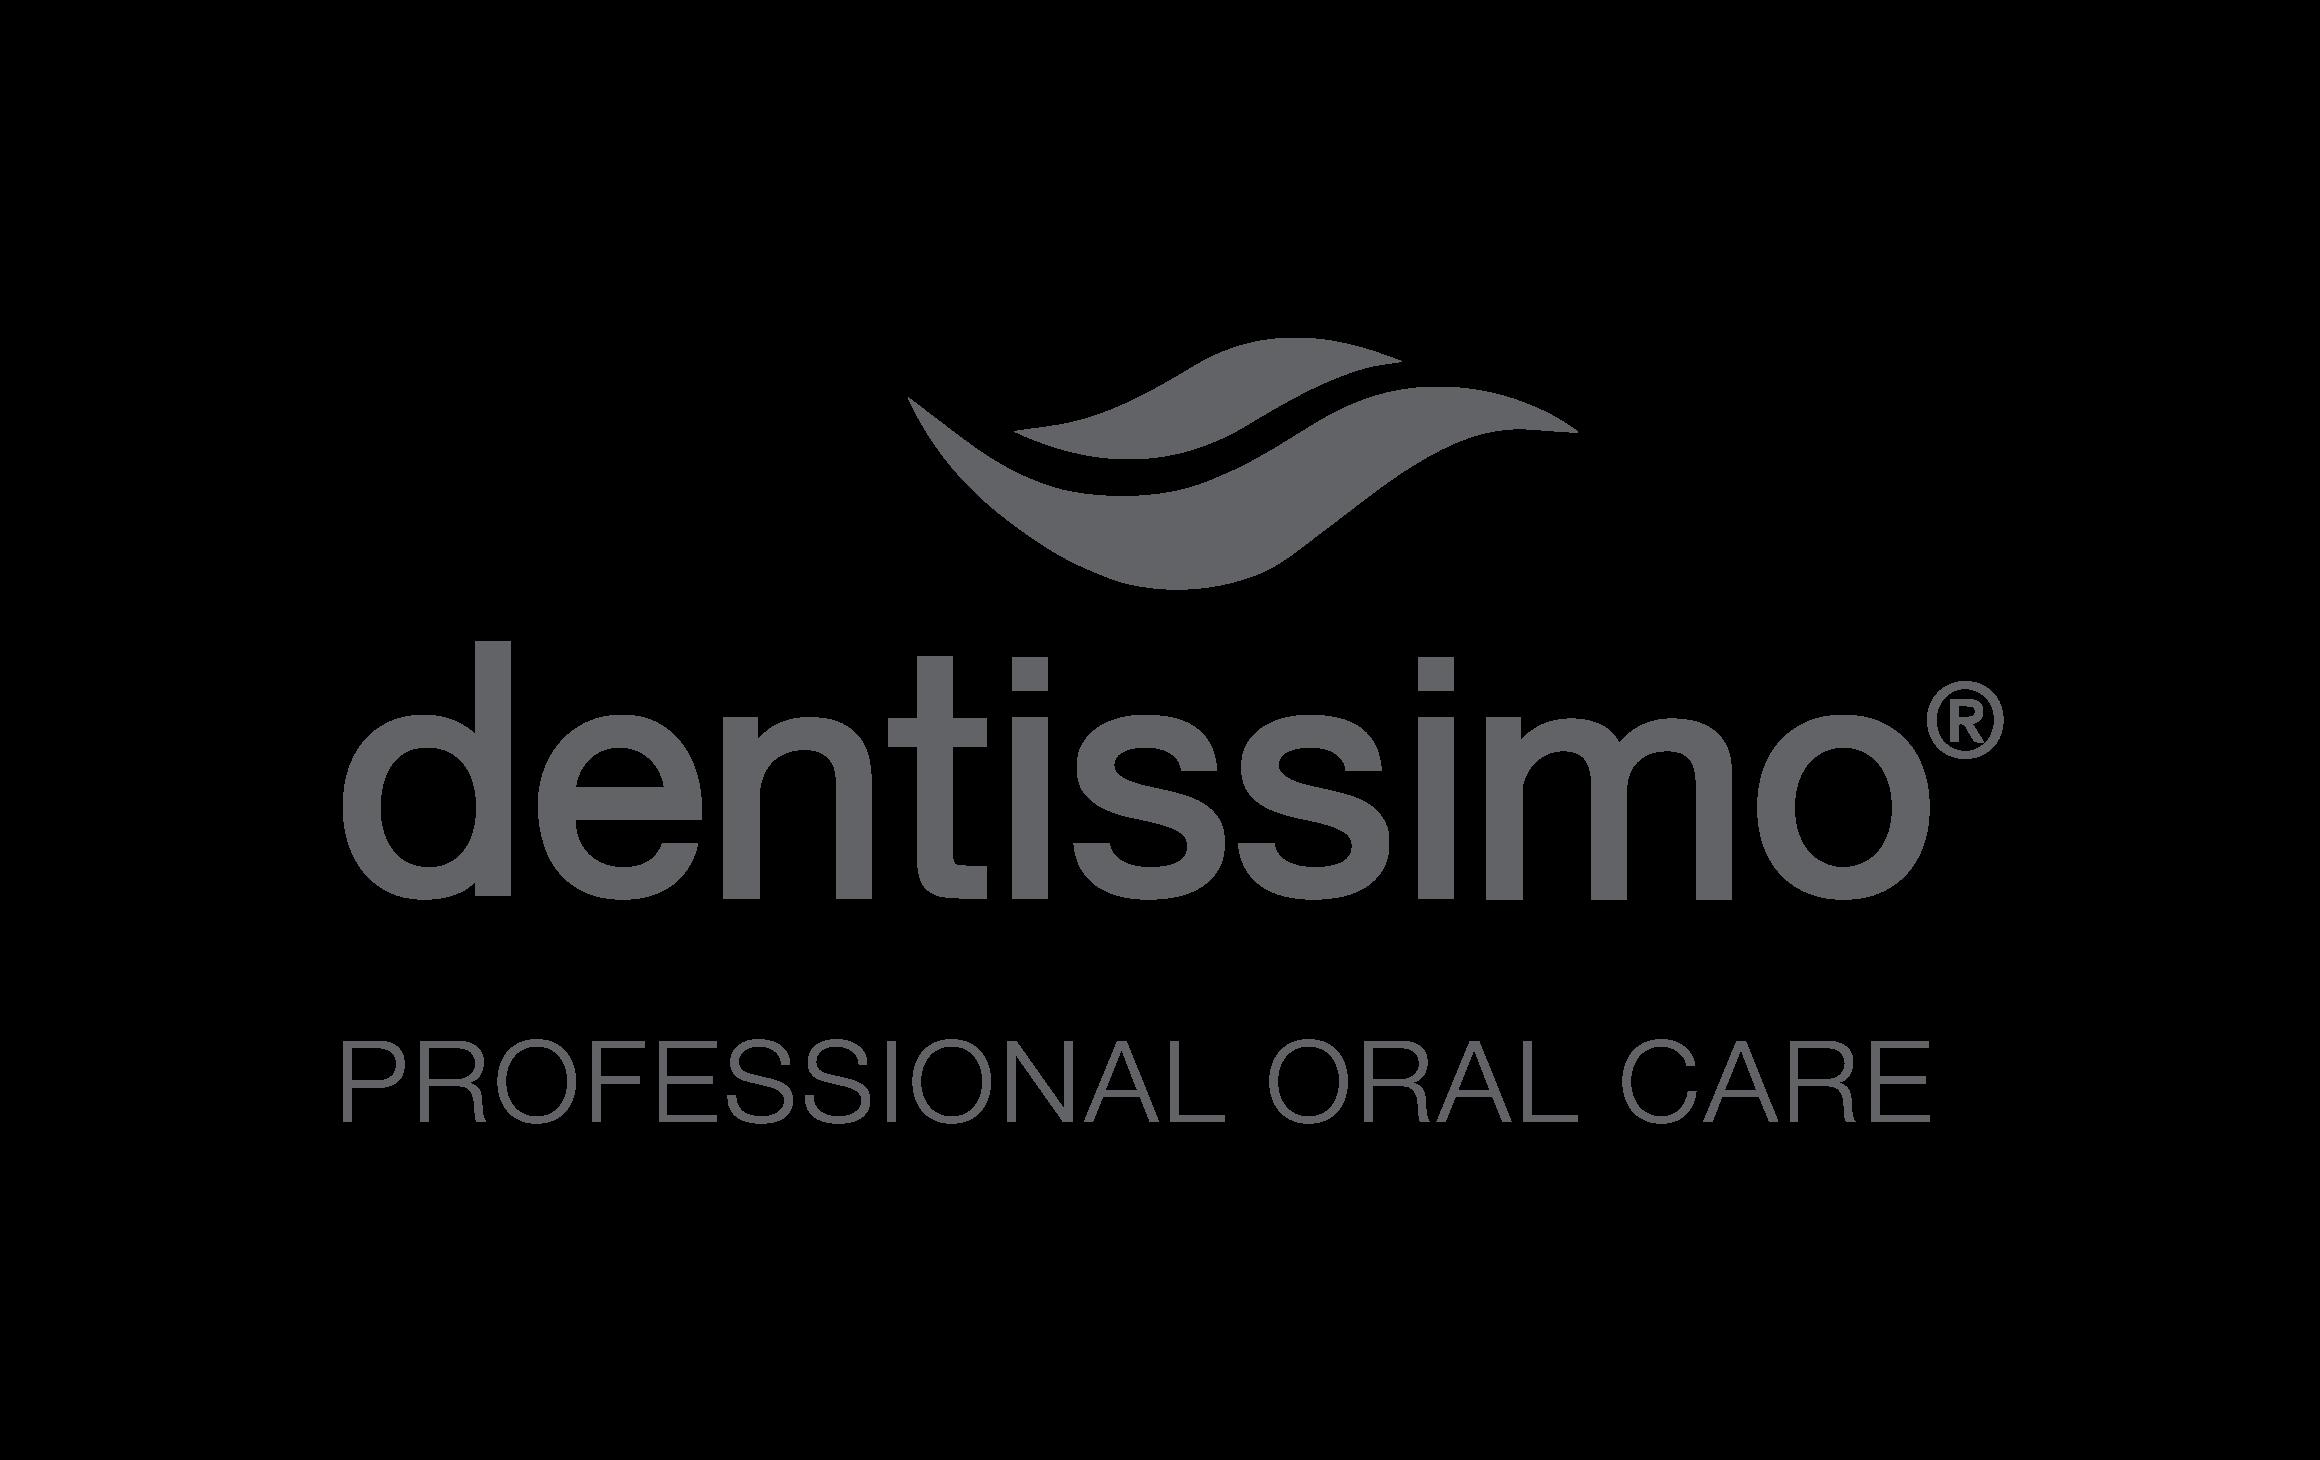 Dentissimo Professional Oral Care